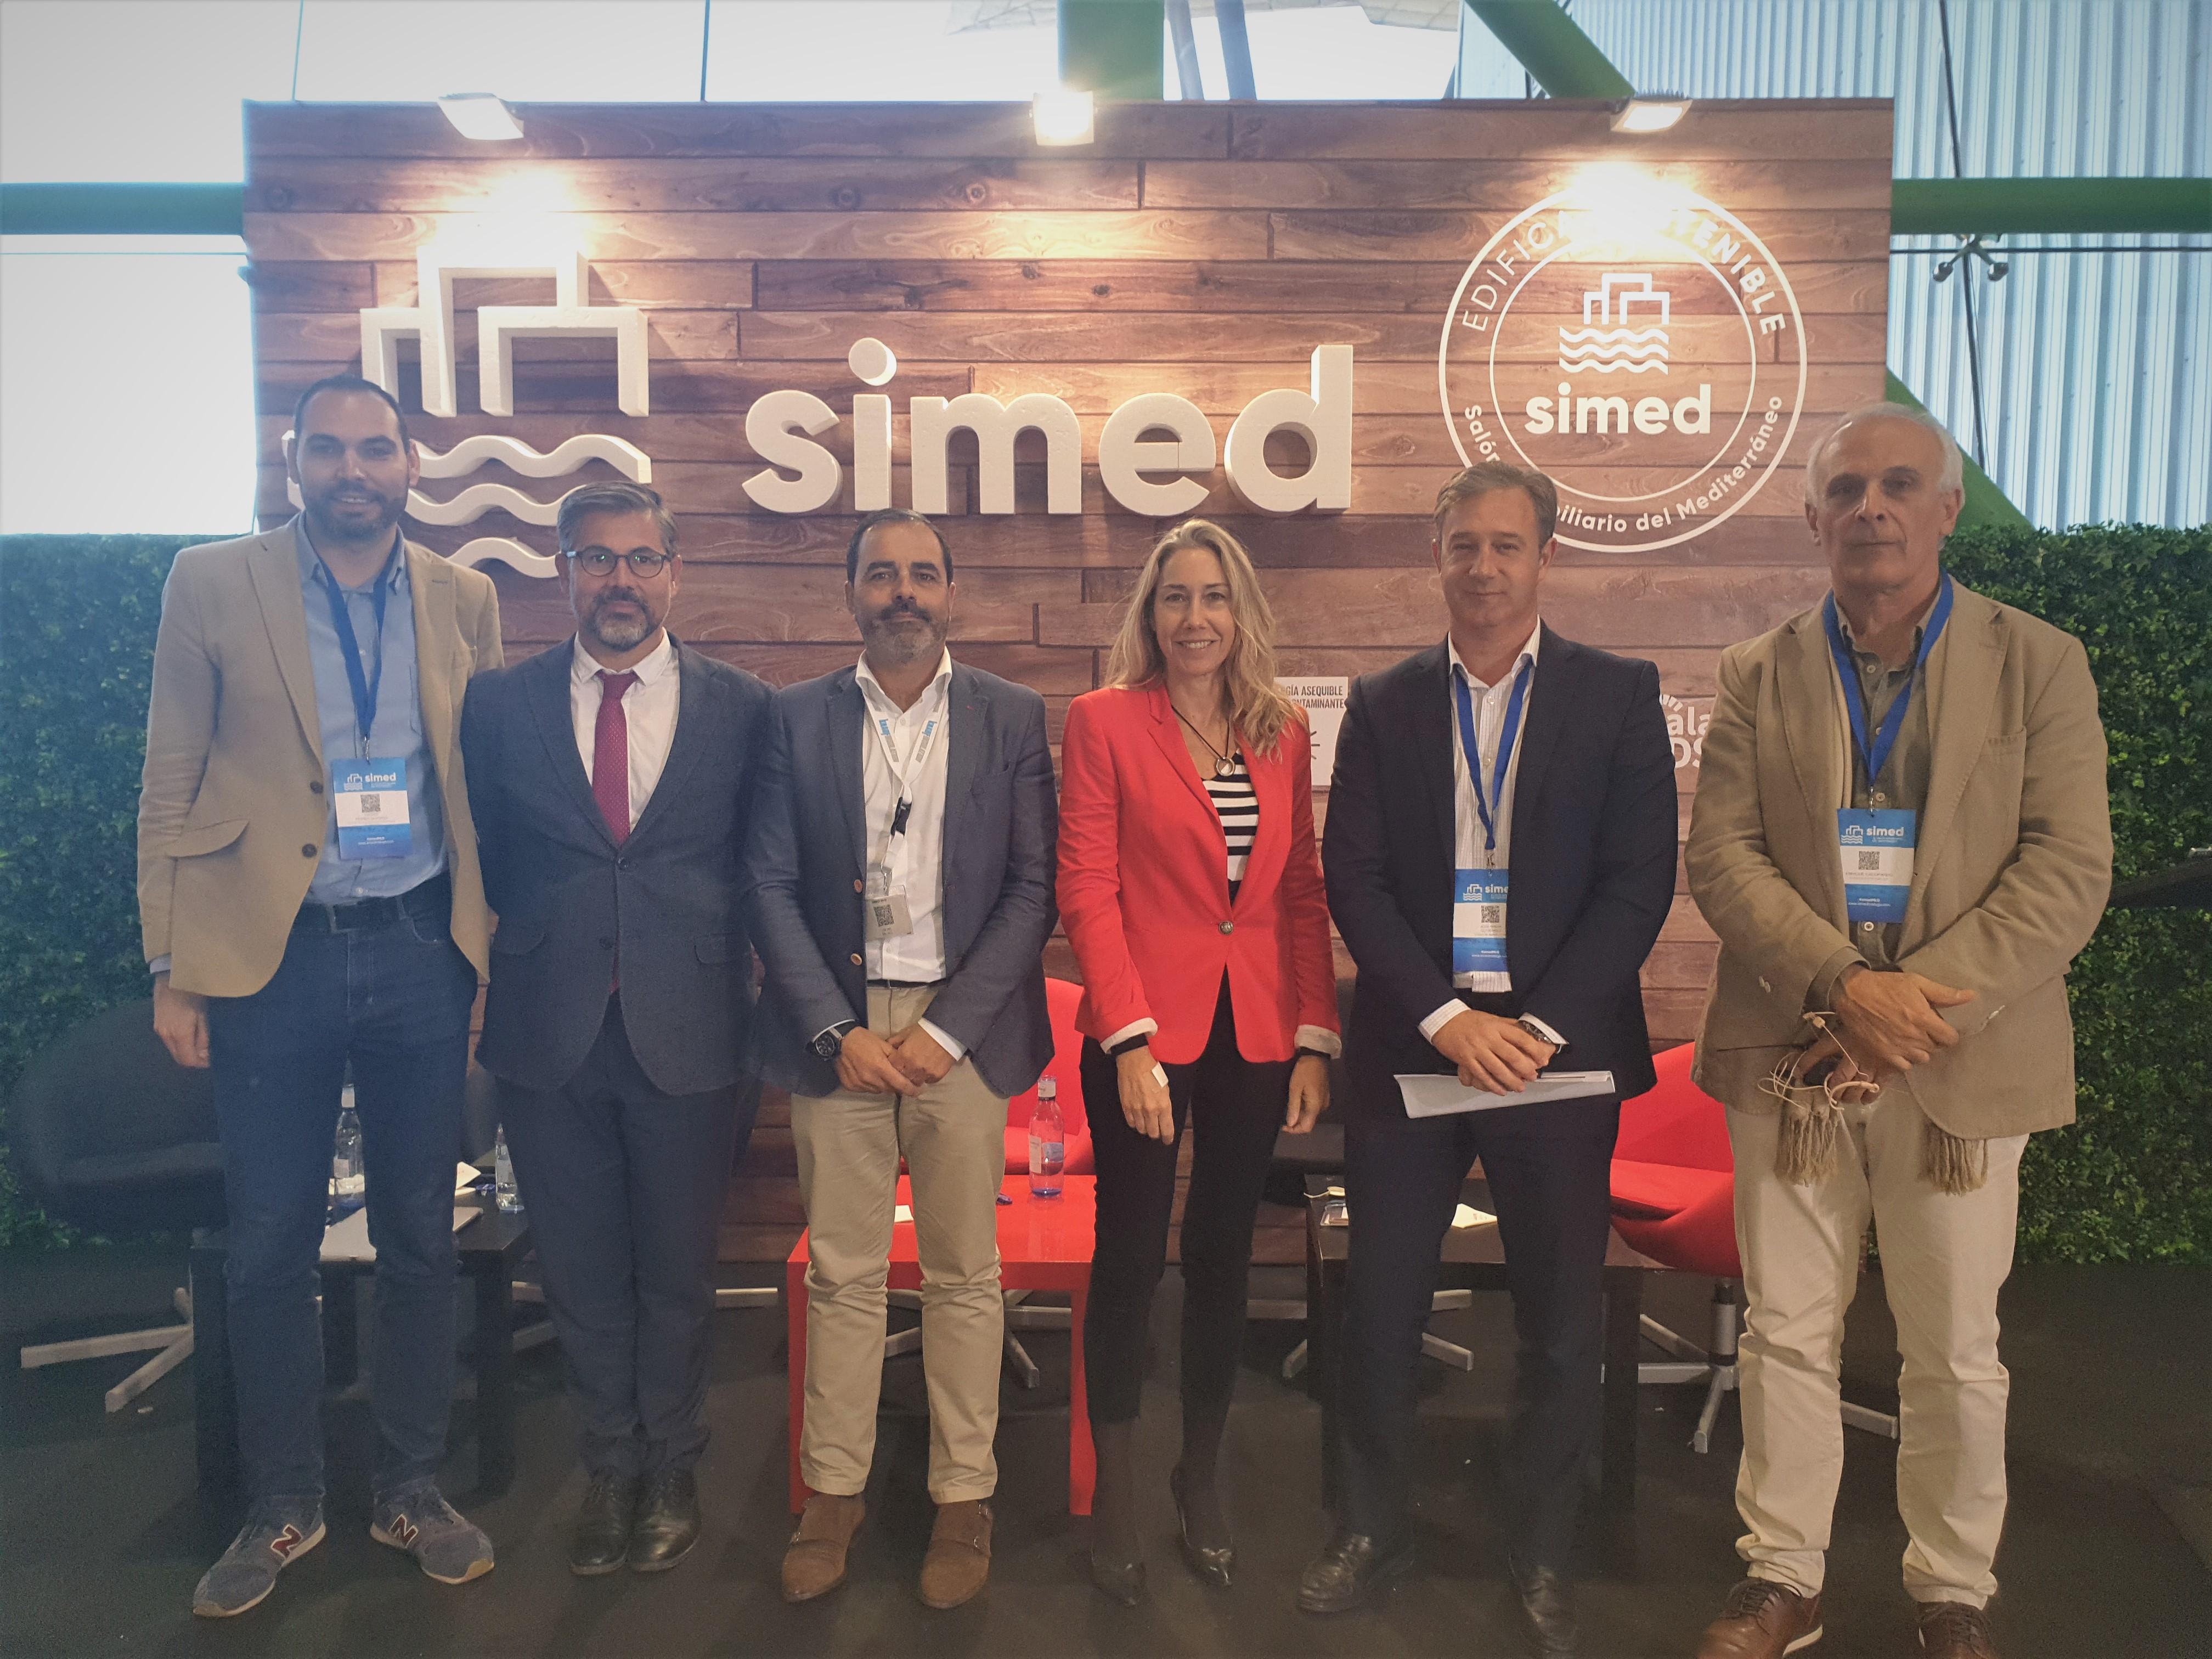 Exxacon participa en las Jornadas Técnicas Edifica Sostenible y presenta Urban Litoral, primer edificio de compromiso Passivhaus en Málaga y Andalucía en el Simed 2019